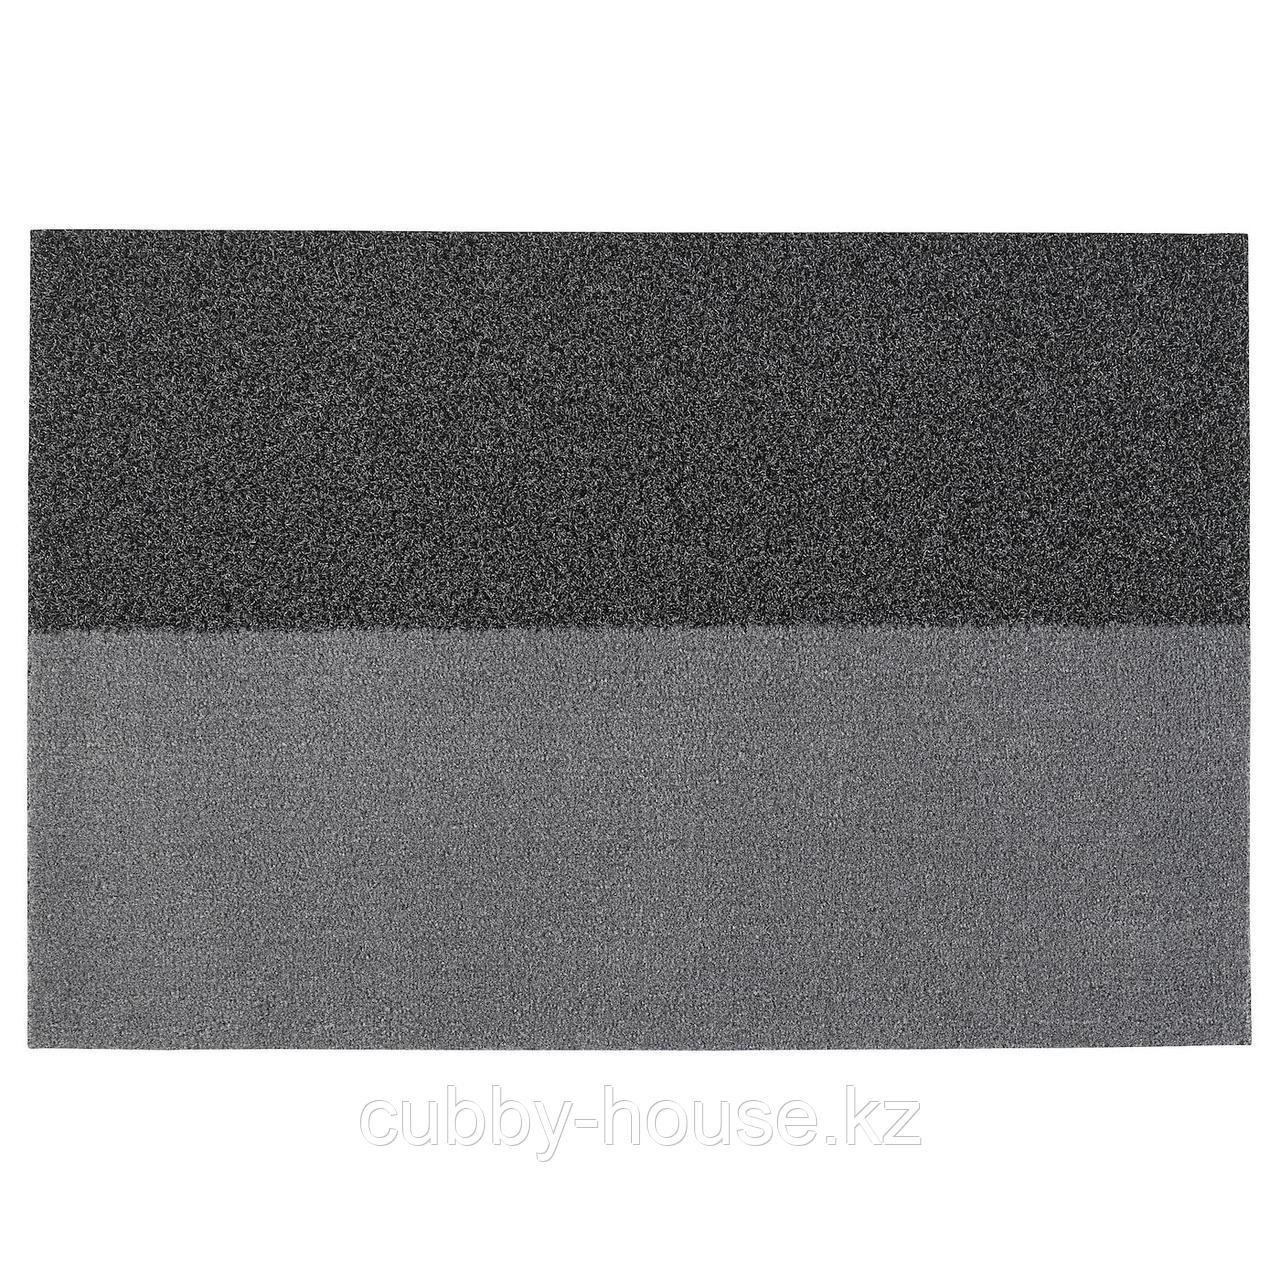 ДЖЕРСИ Придверный коврик, темно-серый, 60x90 см